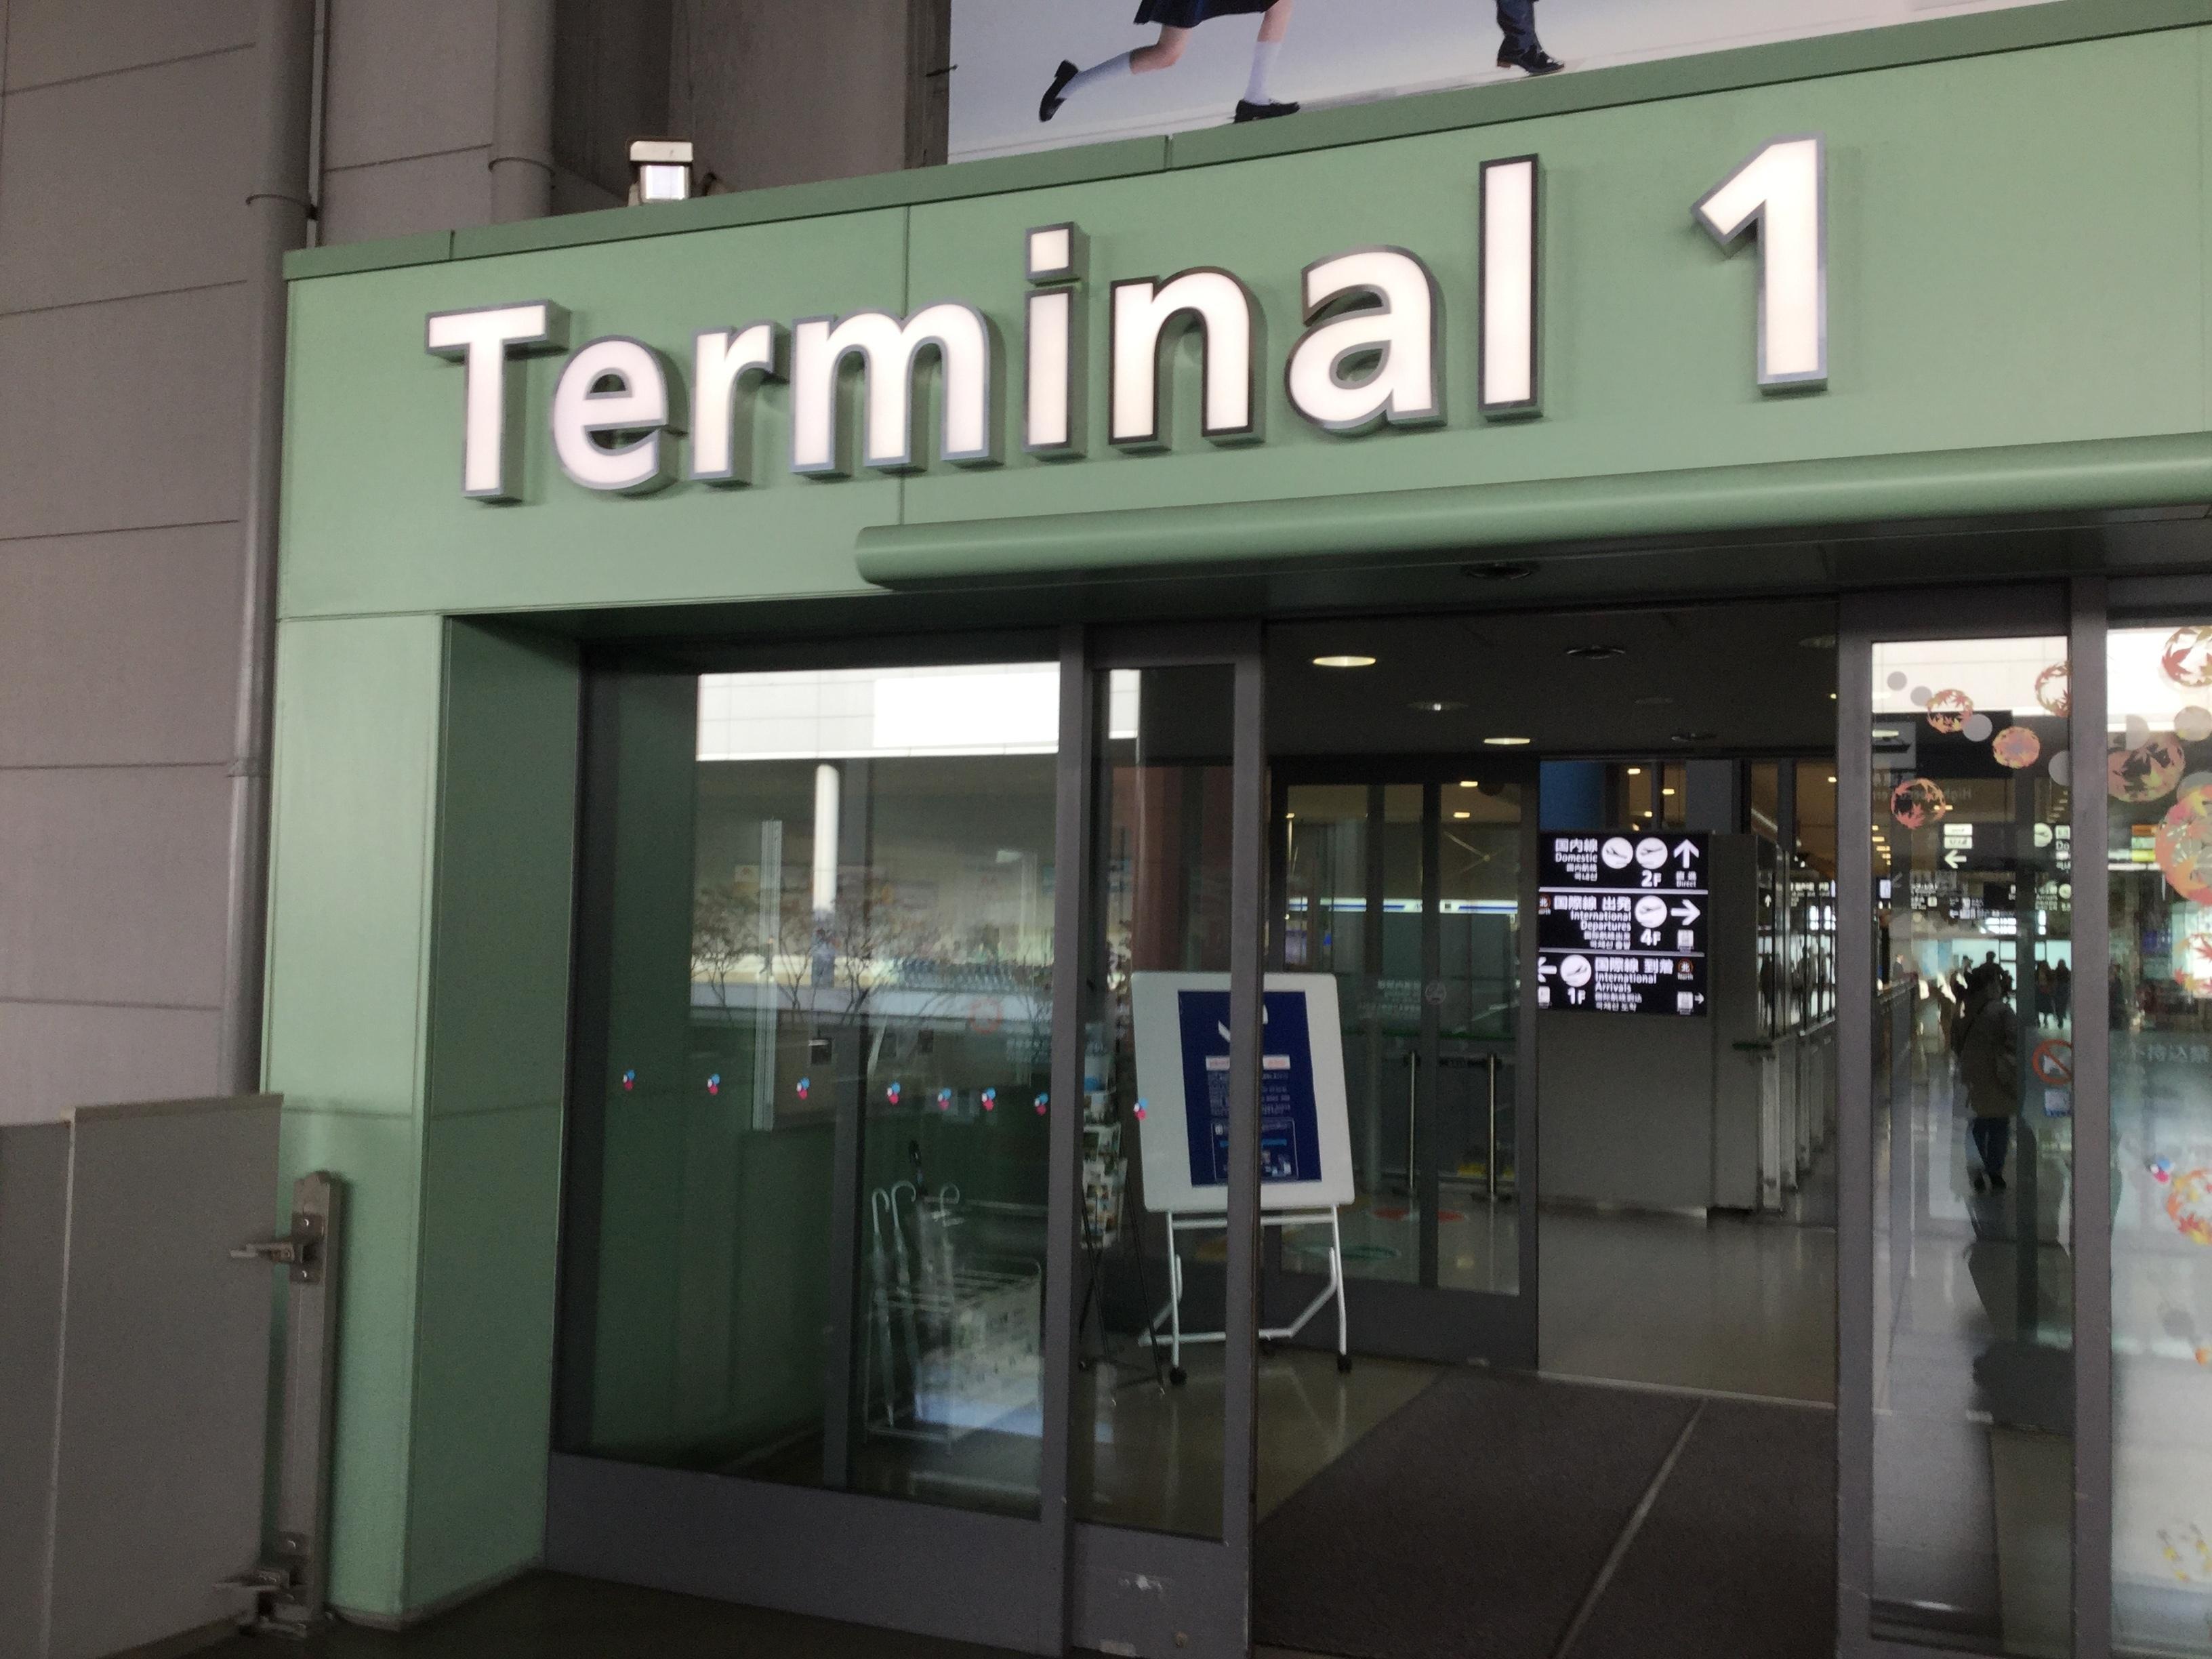 空港のターミナルの写真です。